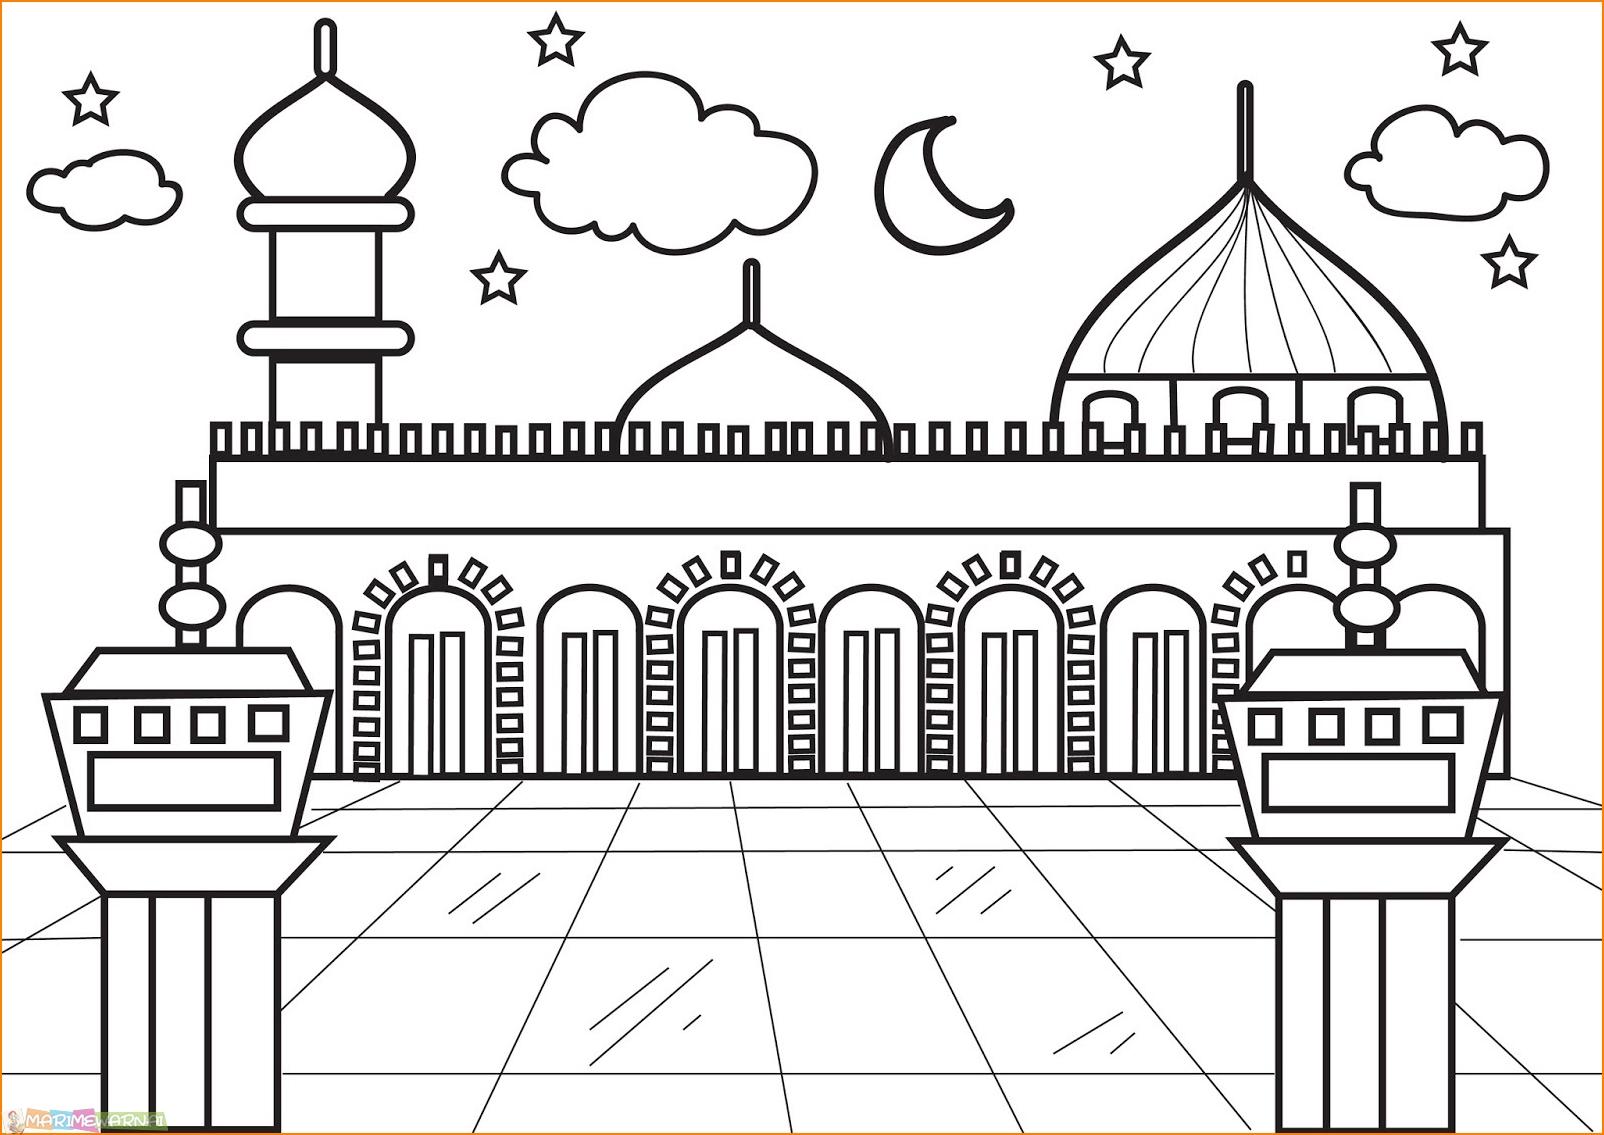 Contoh Gambar Masjid untuk Lomba Mewarnai 1